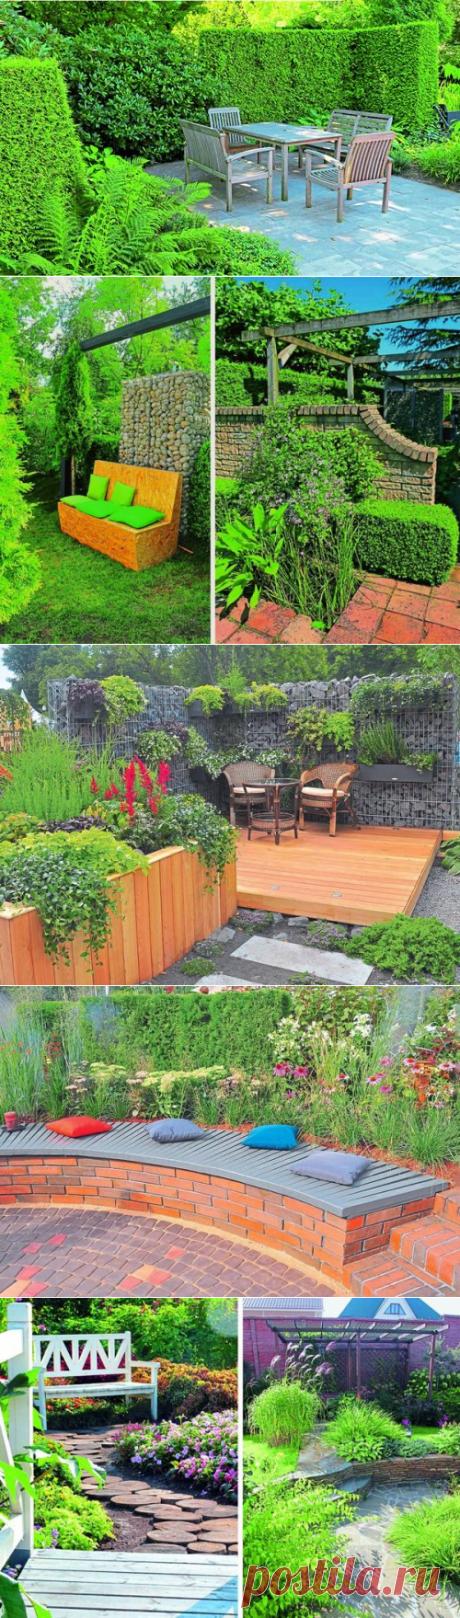 Место для отдыха в саду: варианты и рекомендации по оформлению